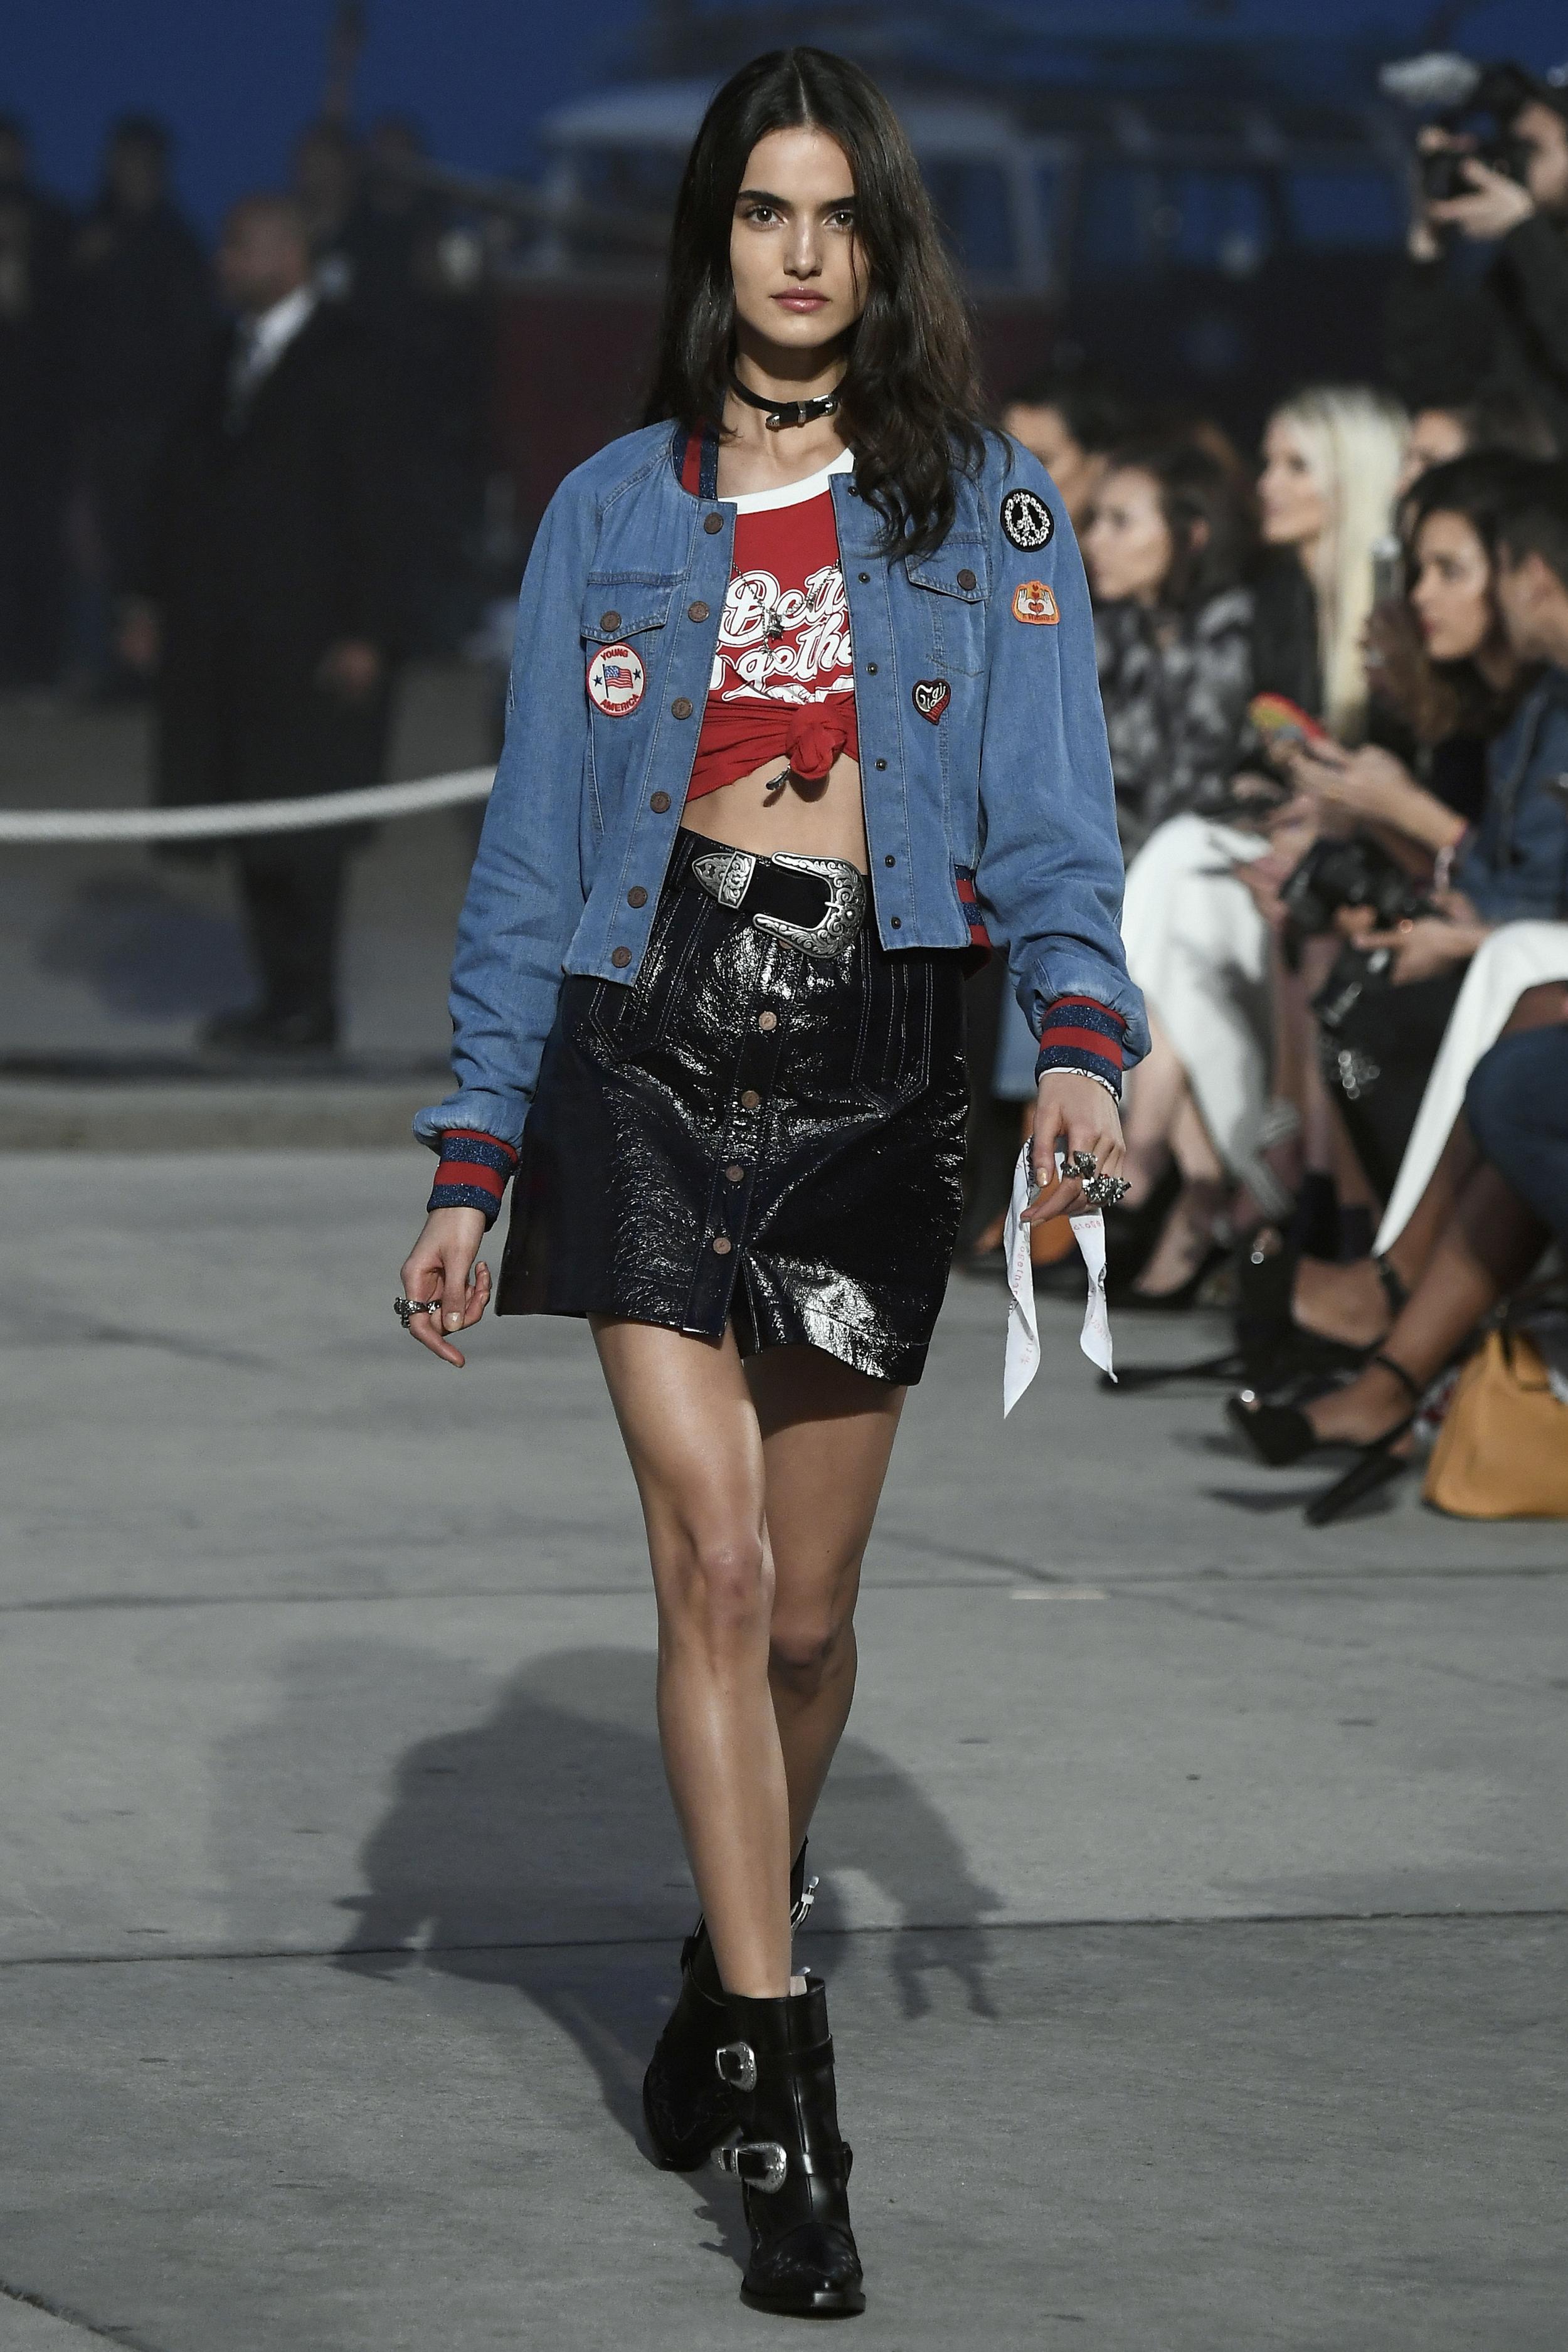 Bei einer Modenschau in Los Angeles präsentiert ein Model die Jeansjacke mit Patches aus der Kollektion von Tommy Hilfiger und Gigi Hadid